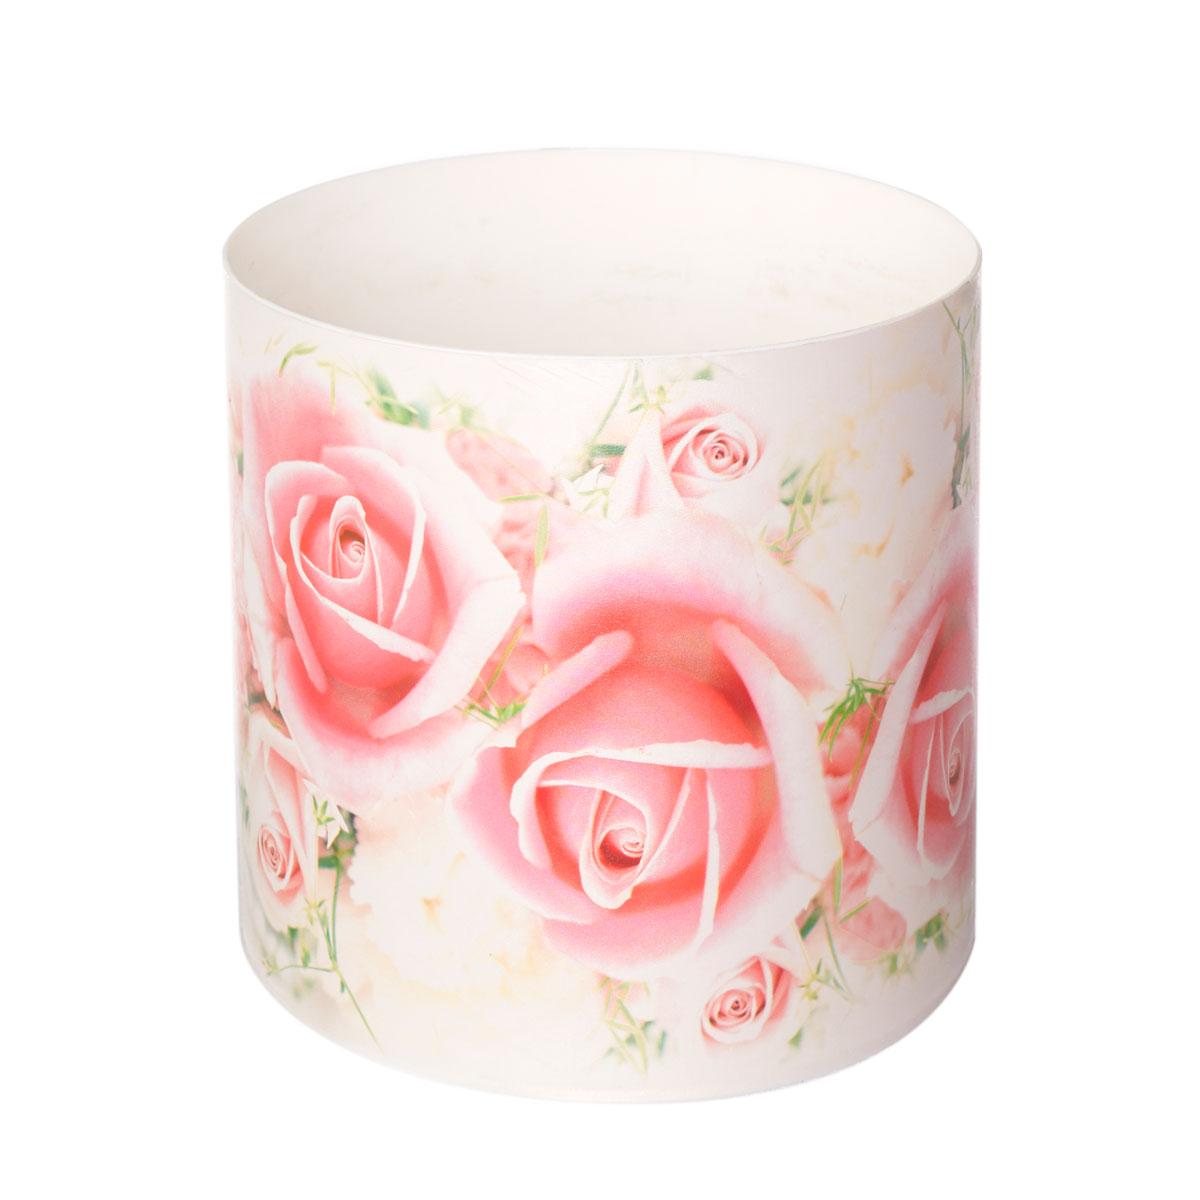 Горшок для цветов Miolla Розы, со скрытым поддоном, 2,8 лSMG-28Горшок для цветов Miolla Розы со скрытым поддоном выполнен из пластика.Диаметр горшка: 16,5 см.Высота горшка (с учетом поддона): 16 см.Объем горшка: 2,8 л.